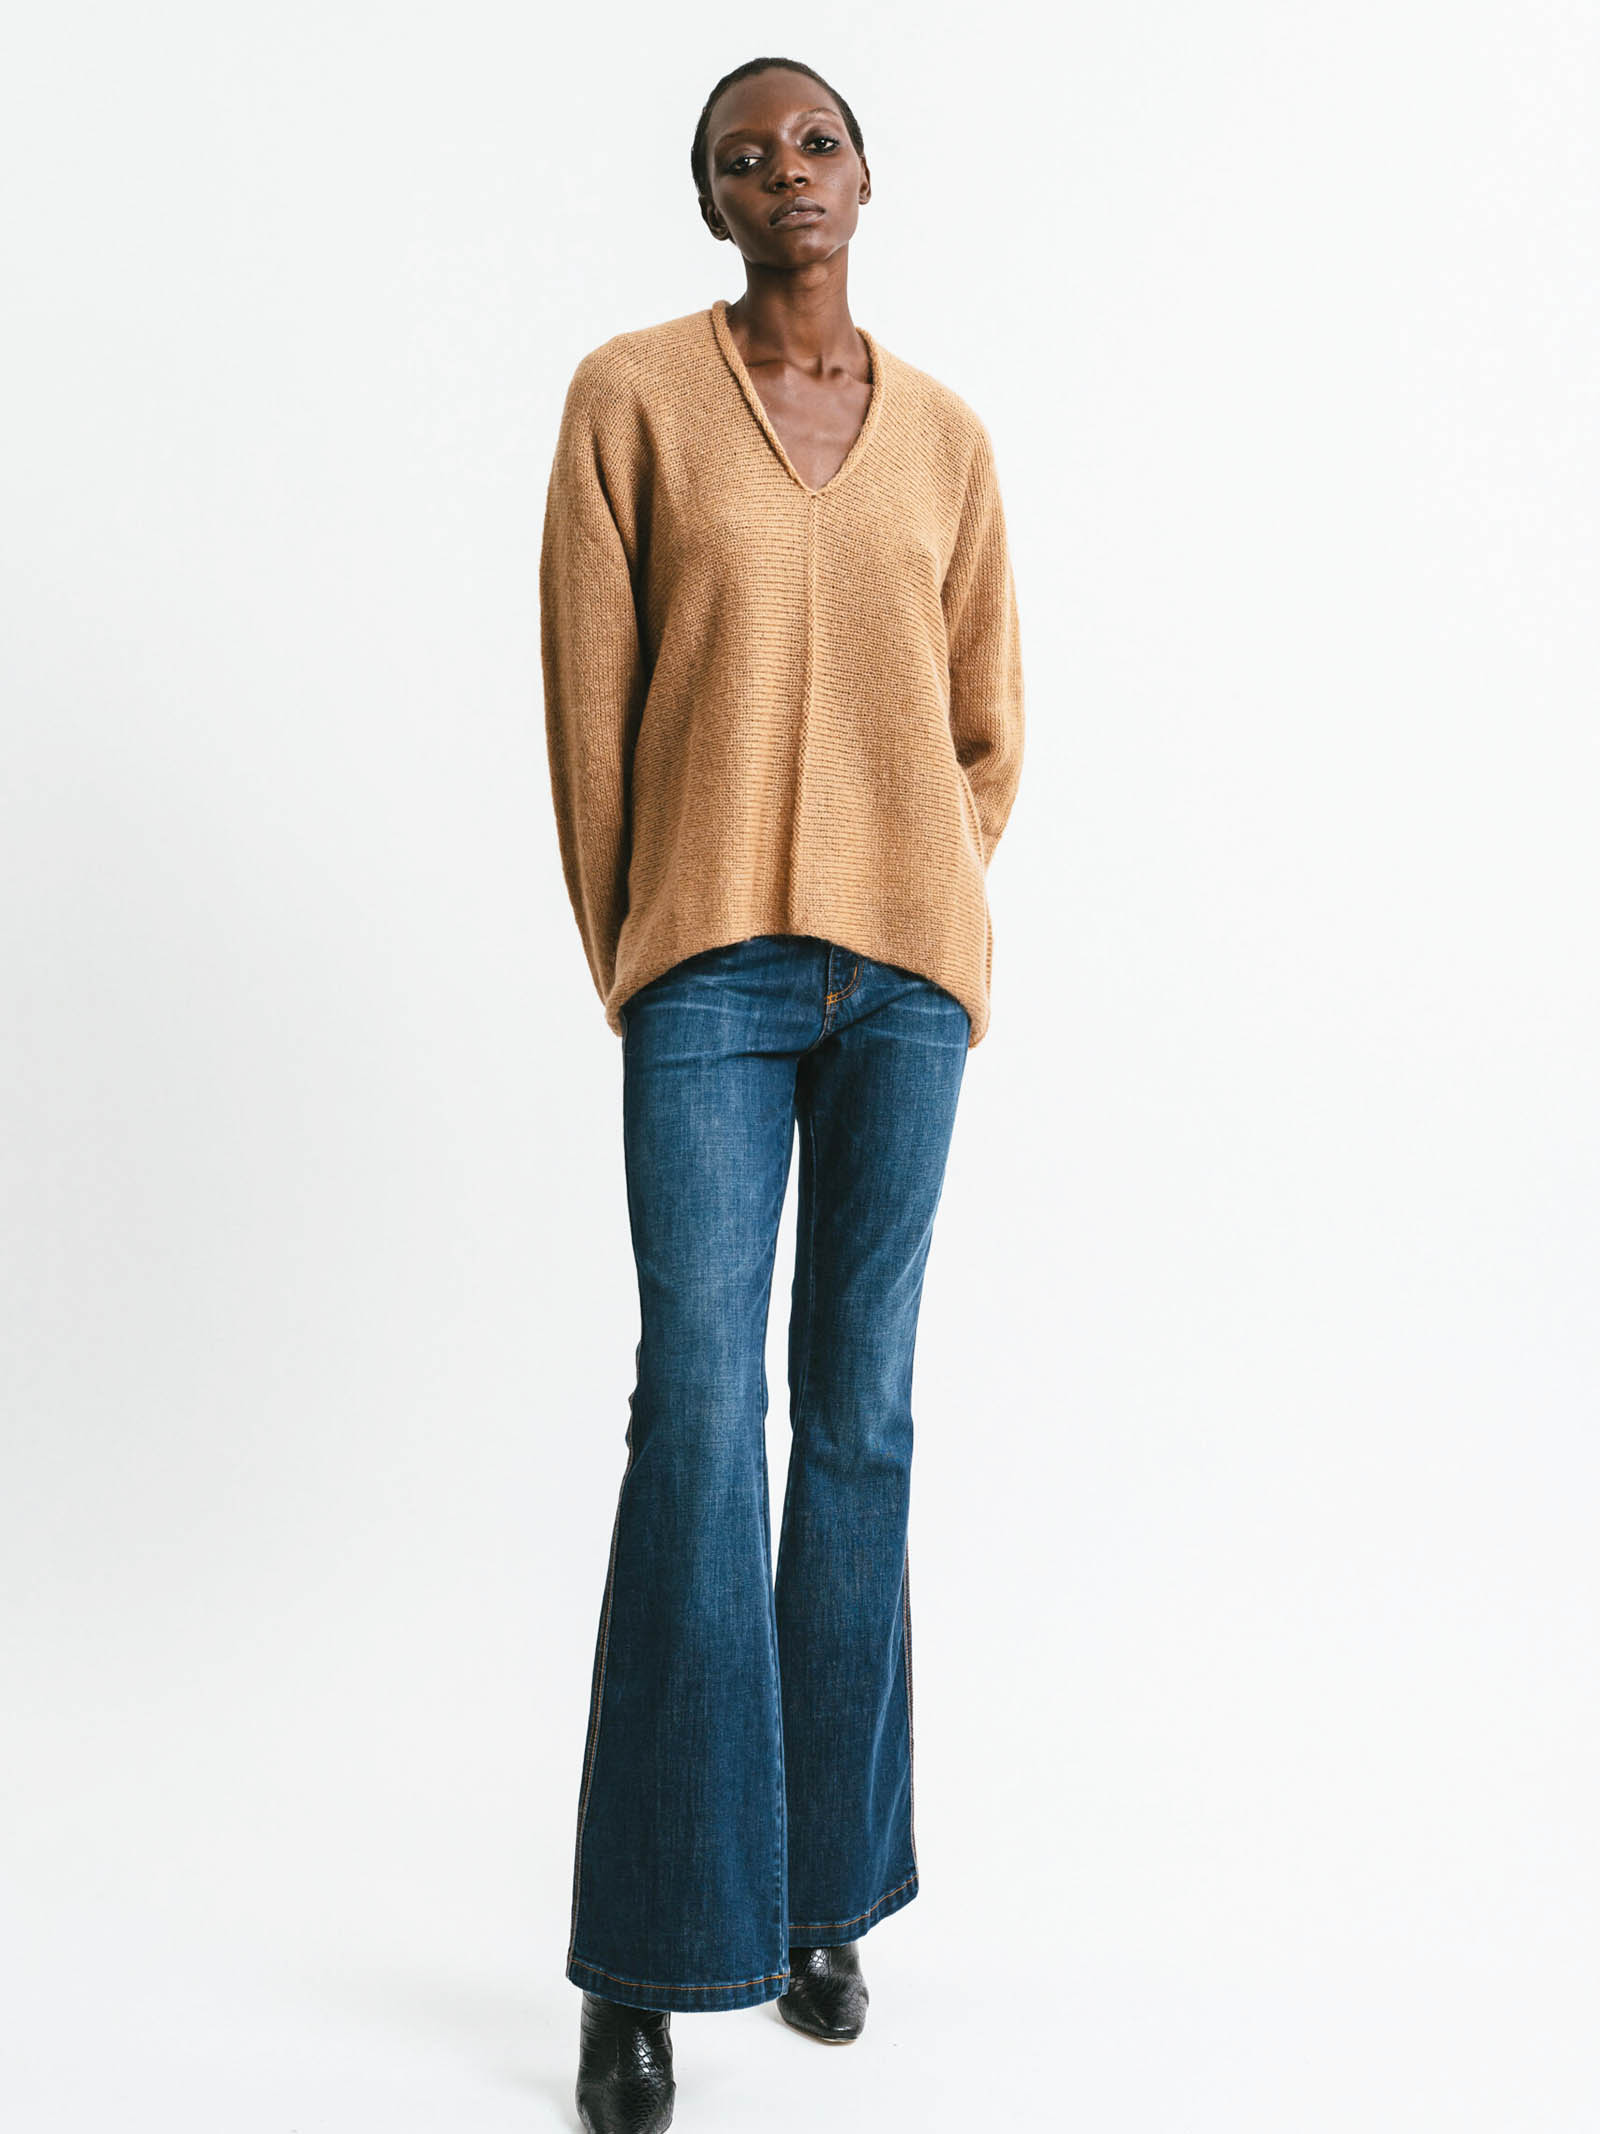 Abbigliamento Donna Maglia Scollo a V in Mohair Cammello Maniche Lunghe Pink Memories | Maglieria | 1114024